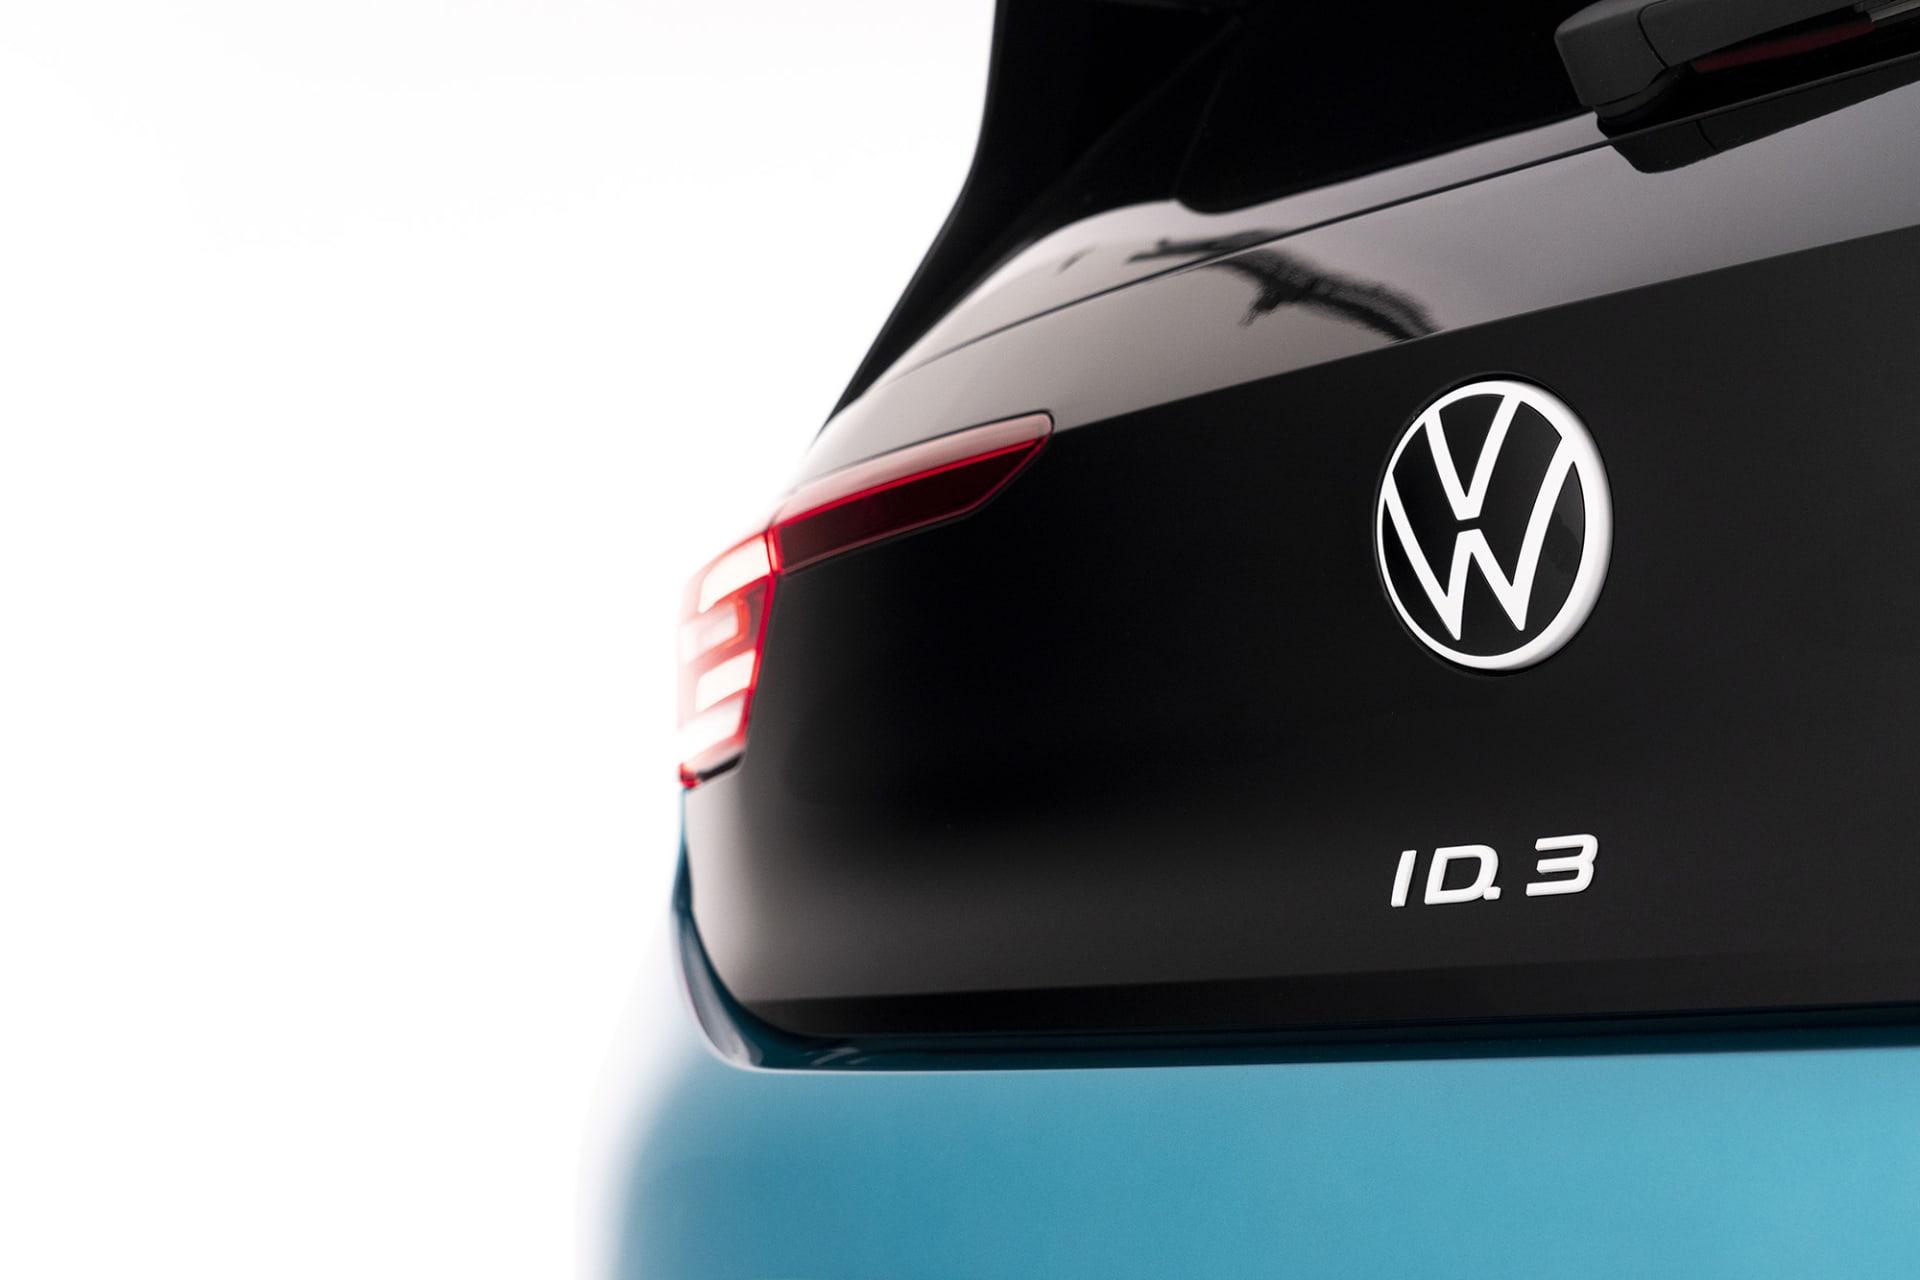 I och med ID.3 lanserar även Volkswagen sin nya logotyp. En mer minimalistisk logga i svart och vitt än den tidigare.